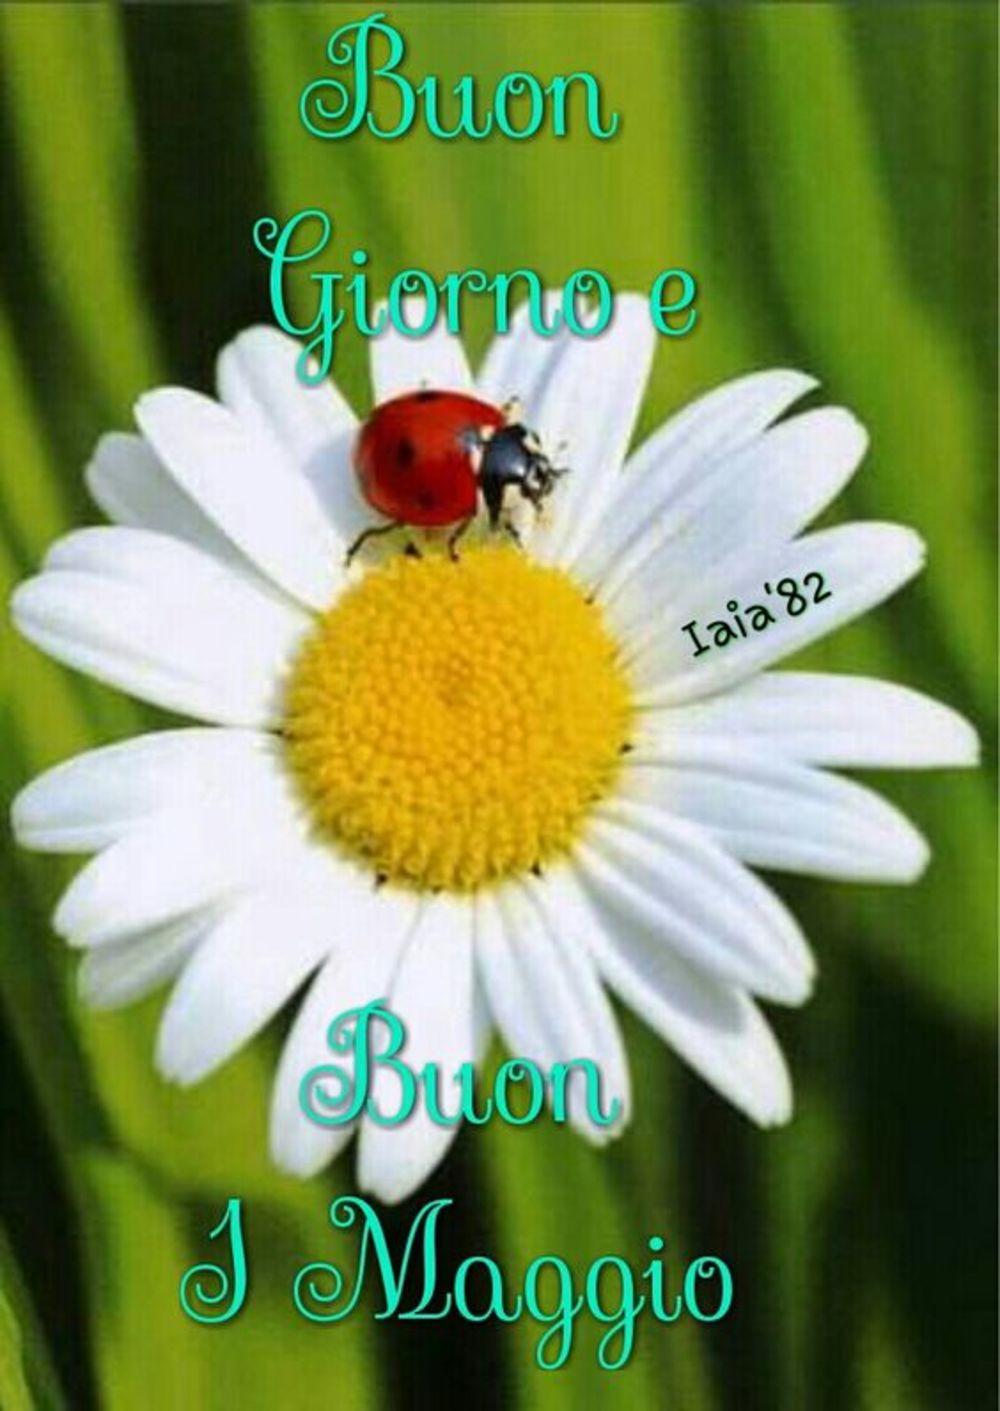 Buon 1 Maggio Buongiorno 3